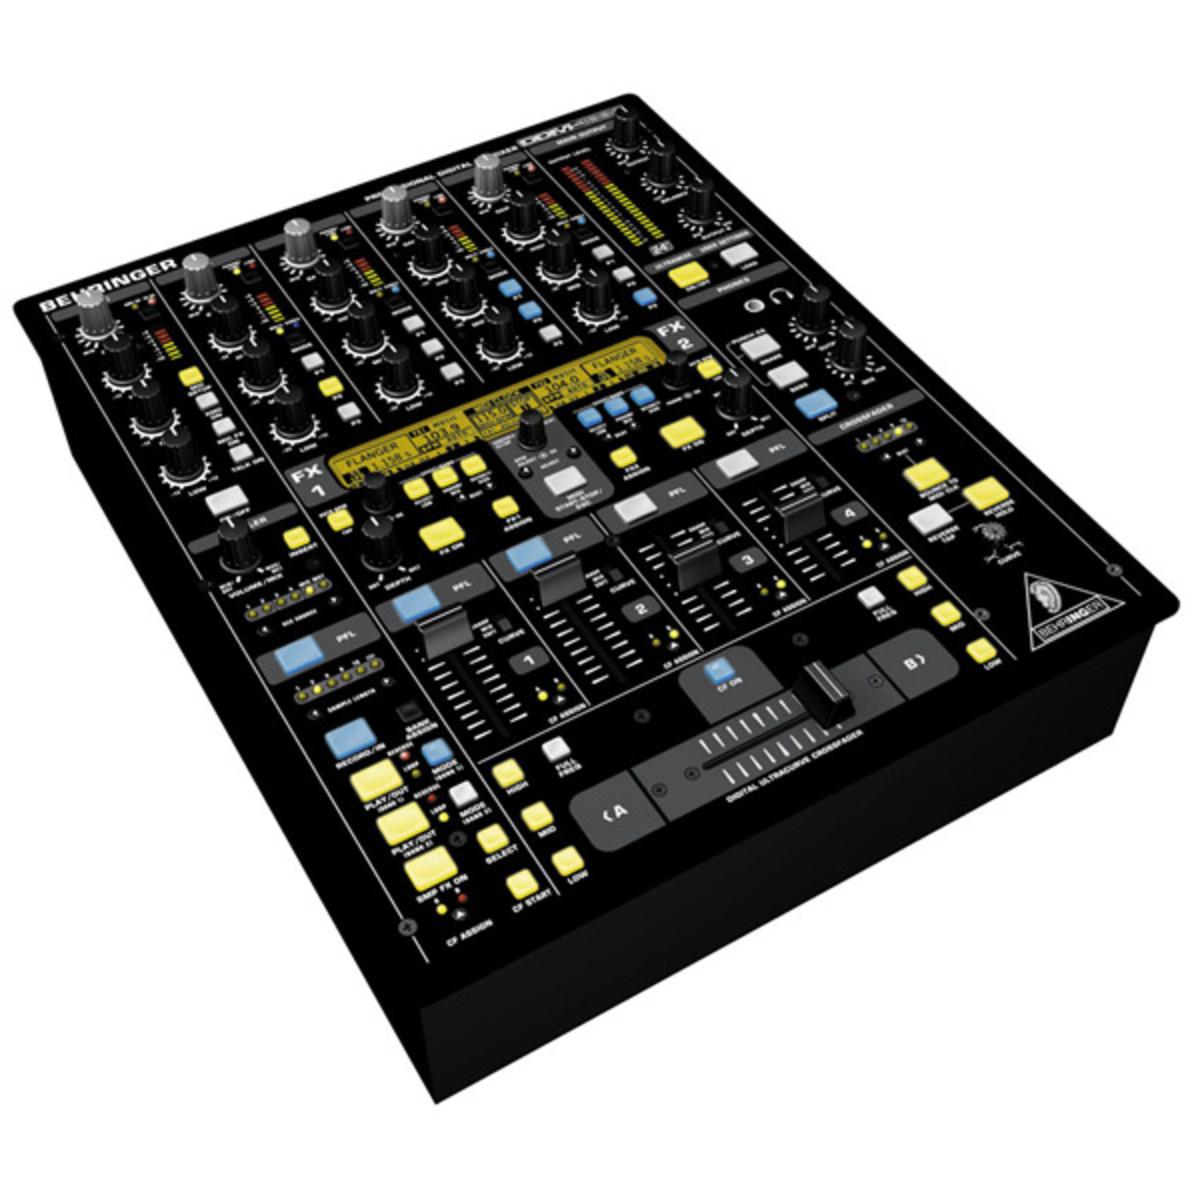 behringer ddm4000 table de mixage num rique professionnelle ex d mo. Black Bedroom Furniture Sets. Home Design Ideas